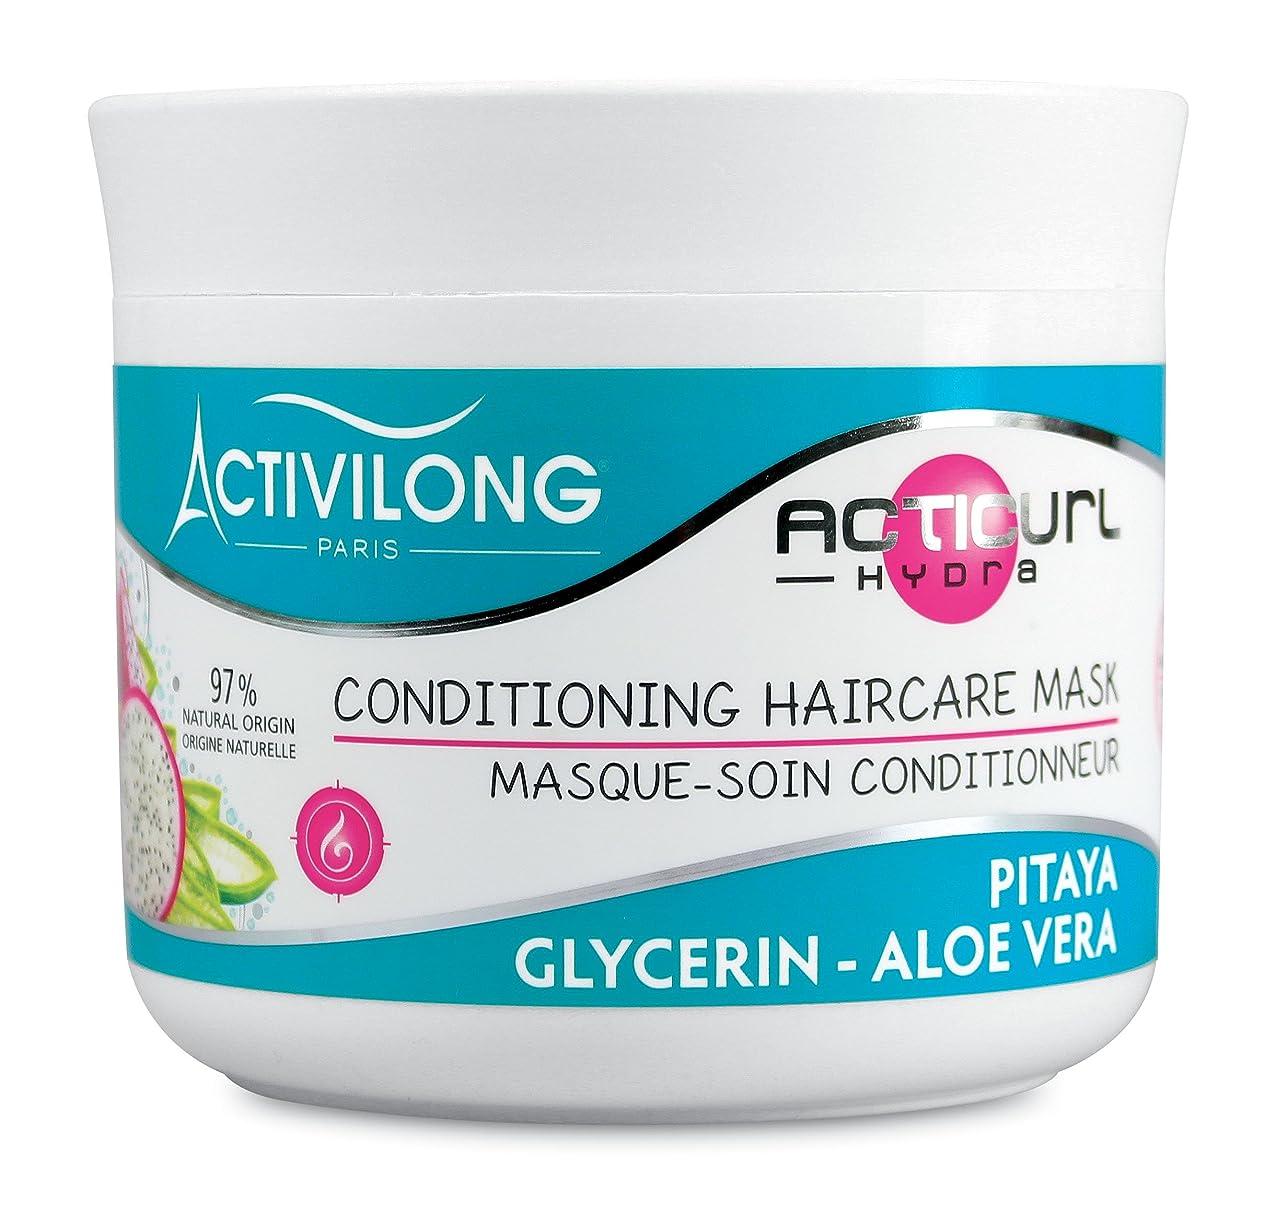 広告批判するスキャンダルActivilong Acticurl HydraコンディショニングヘアケアマスクDragonfruit Pitayaグリセリンアロエベラ200 ml